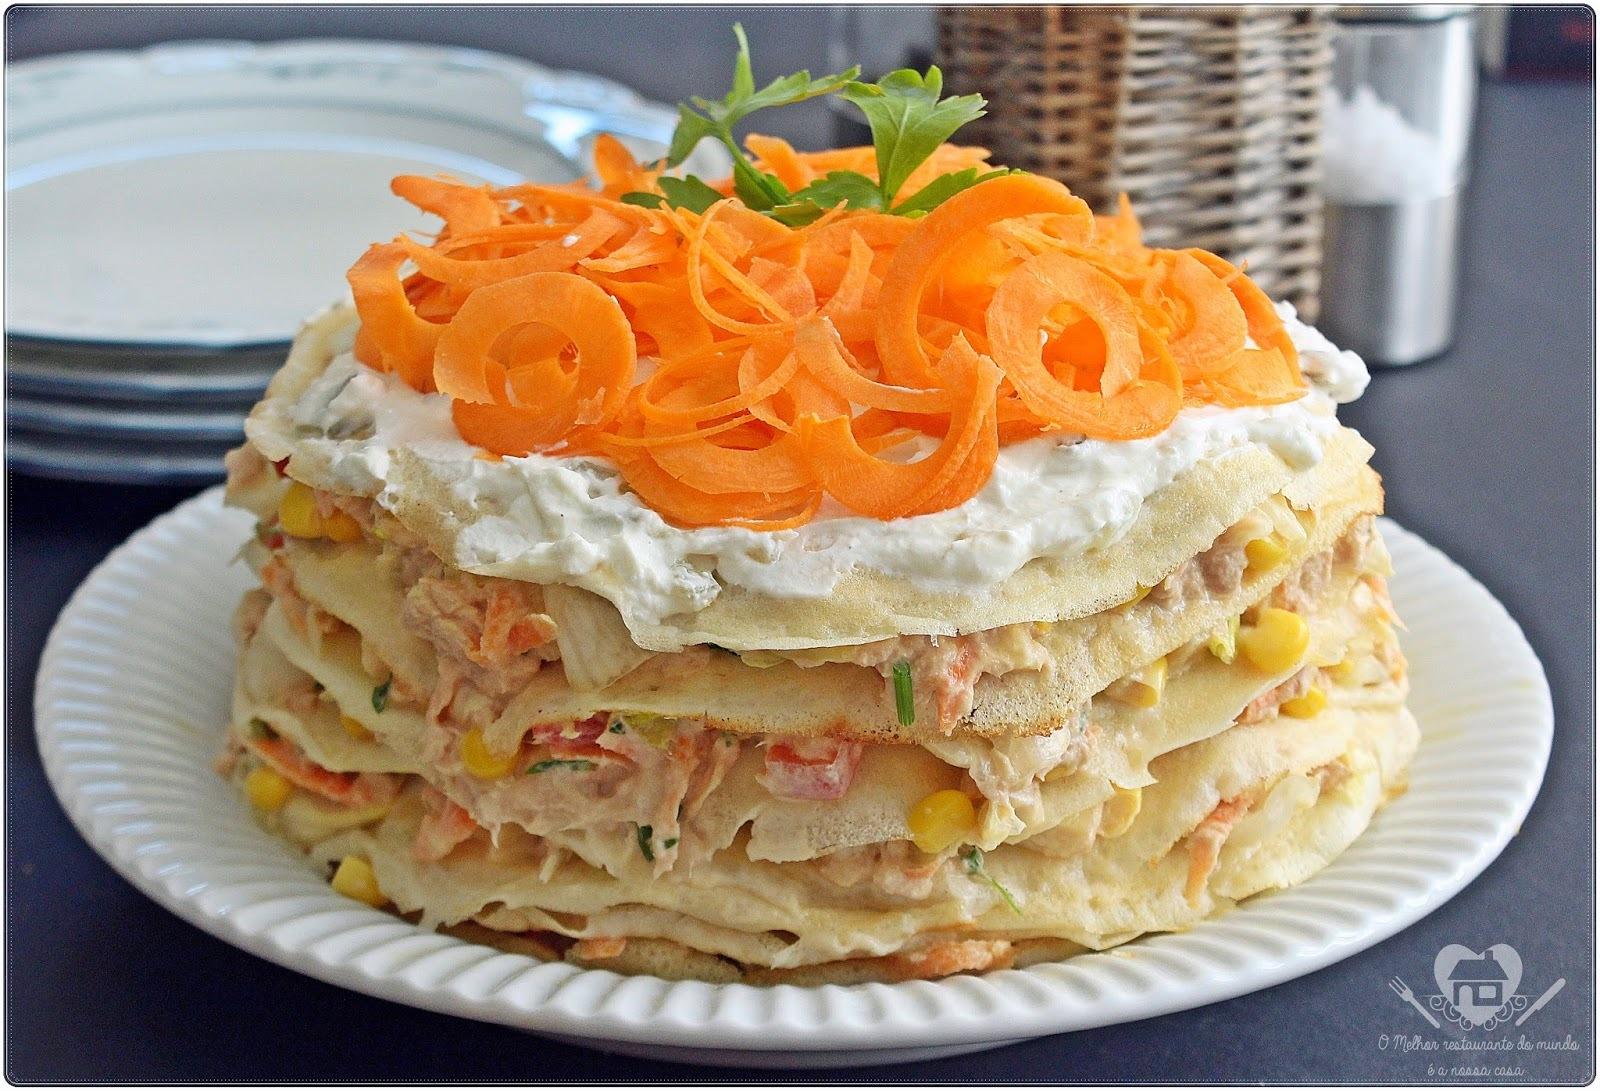 Torta de panquecas com recheio de salada e atum